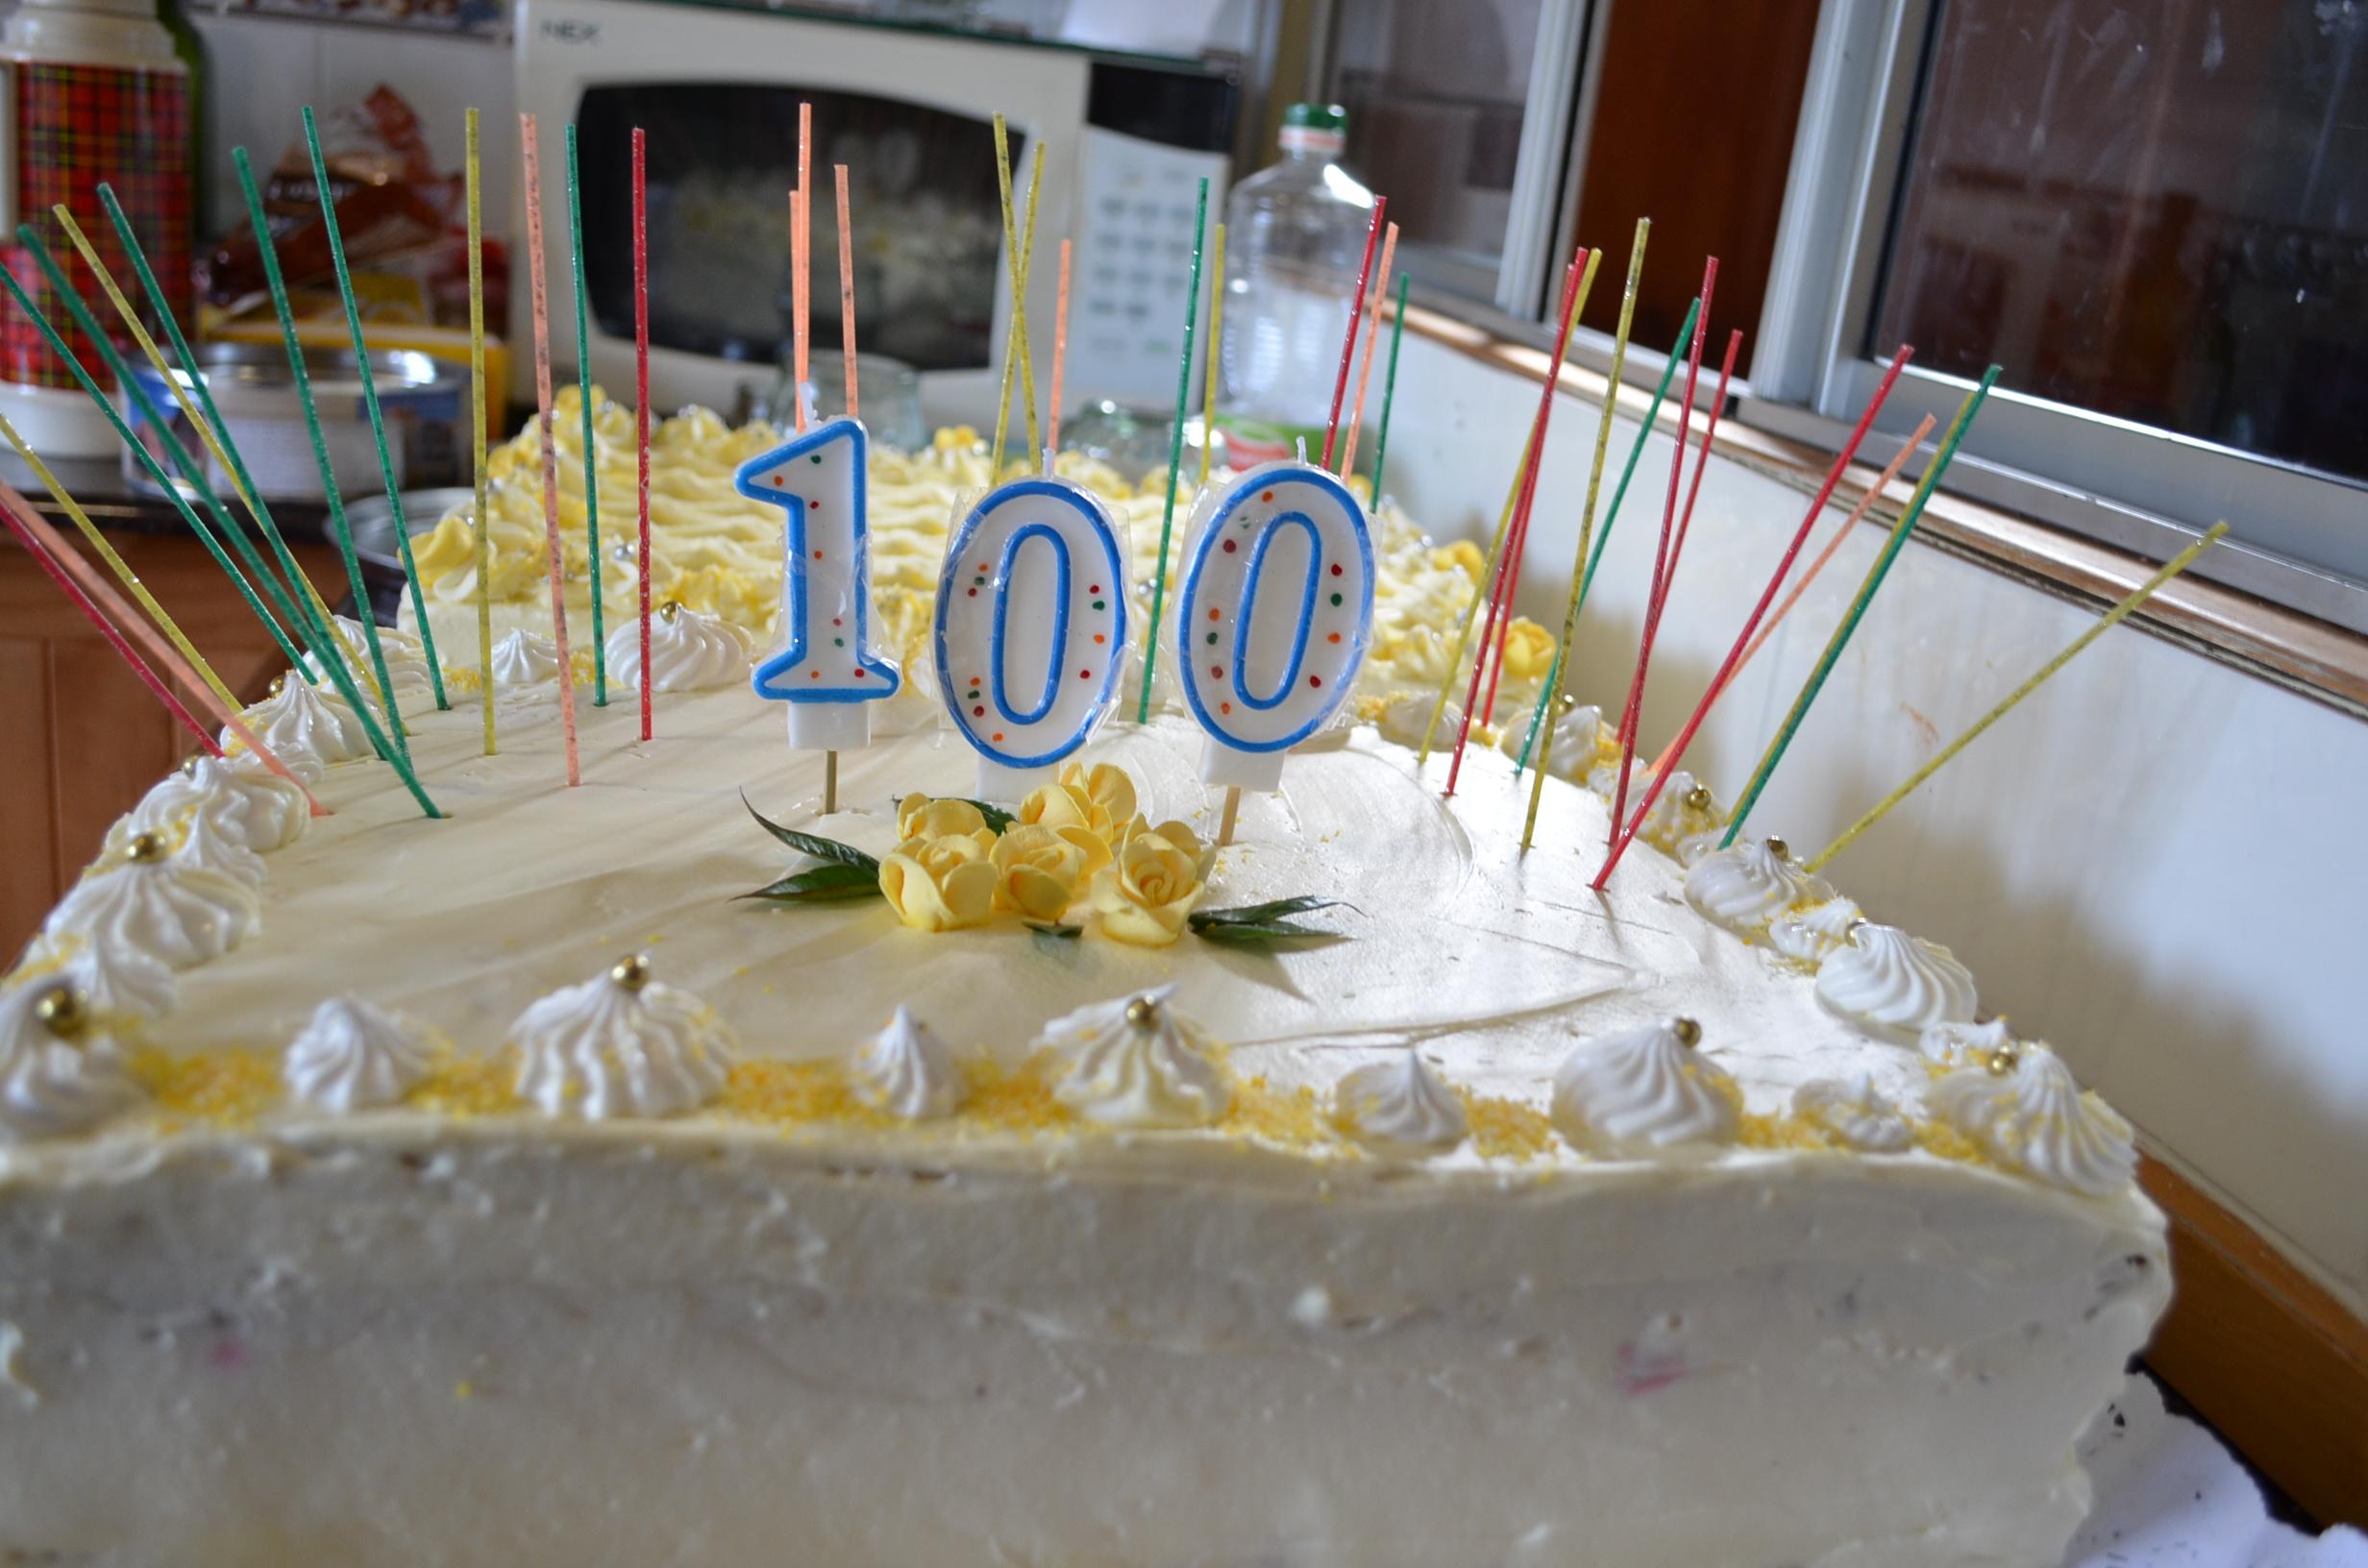 Torta de los 100 años